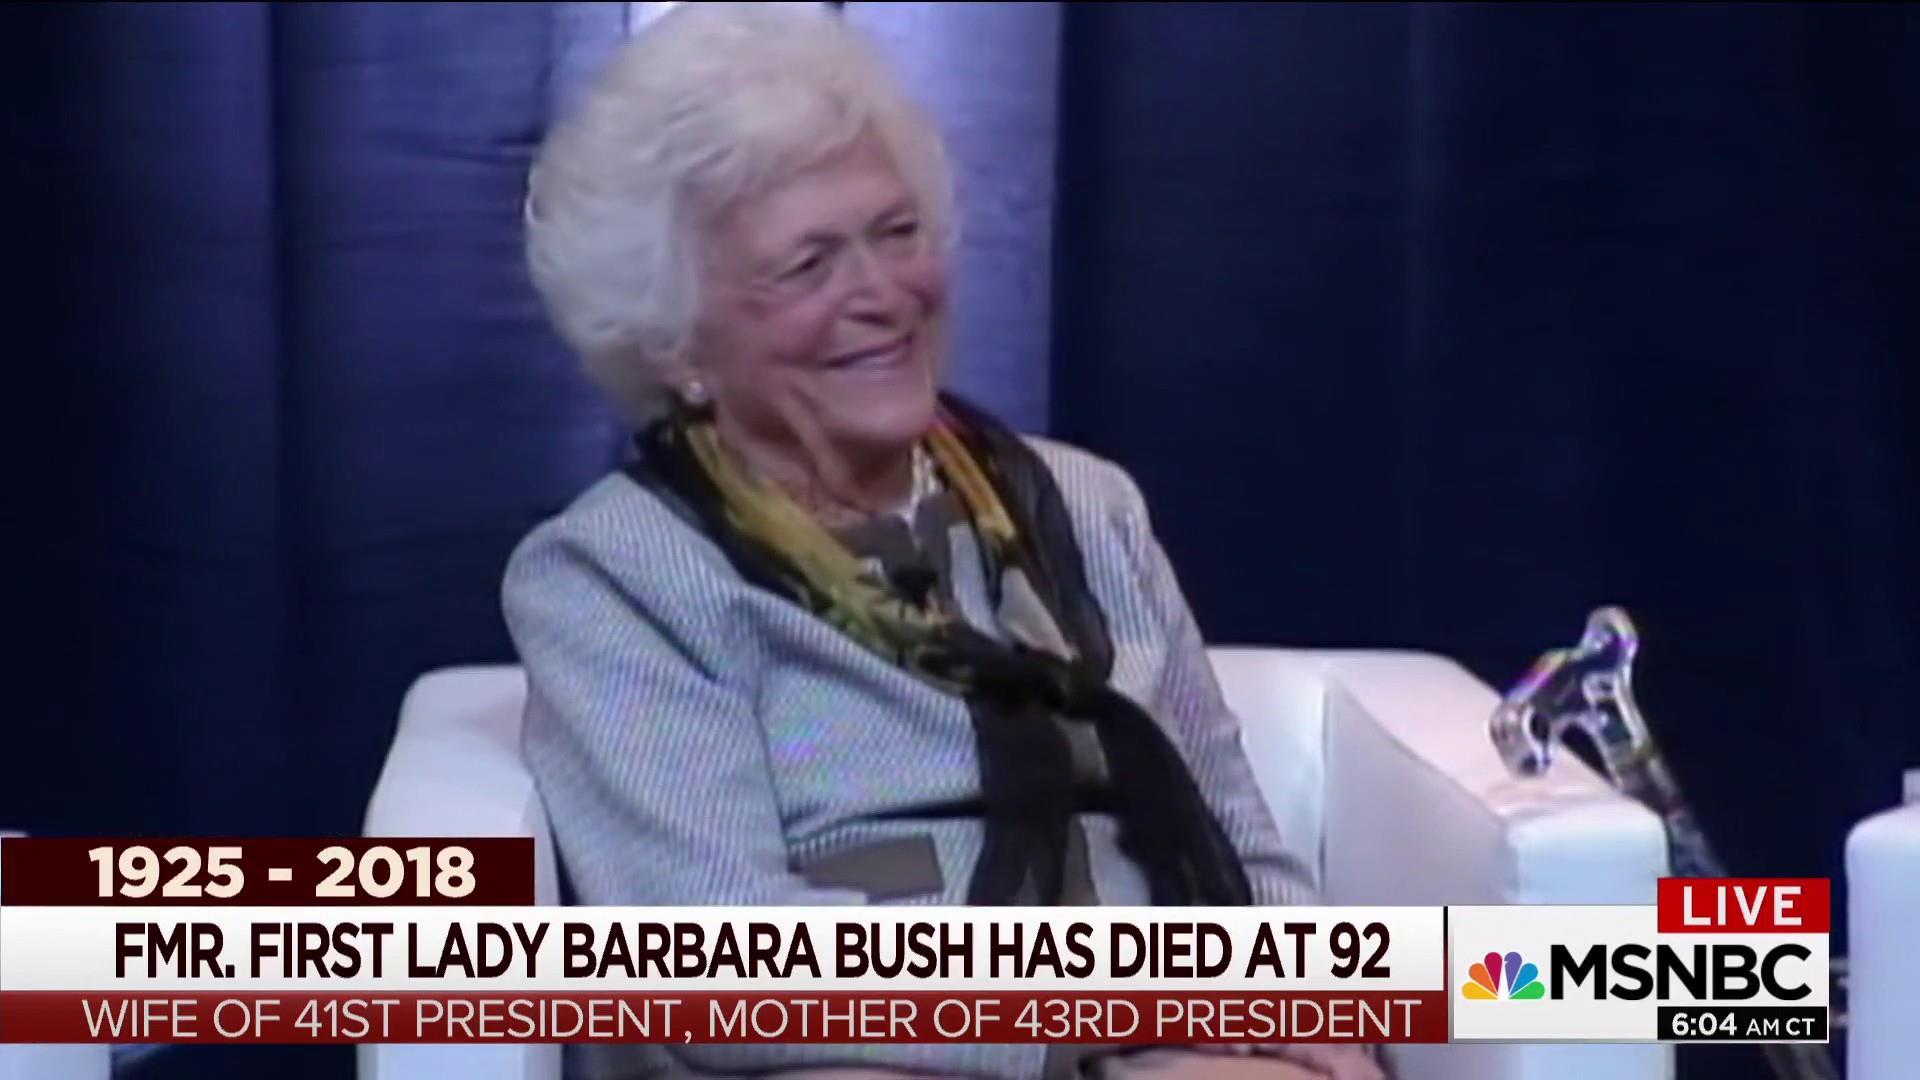 'An indispensible partner': Remembering Barbara Bush